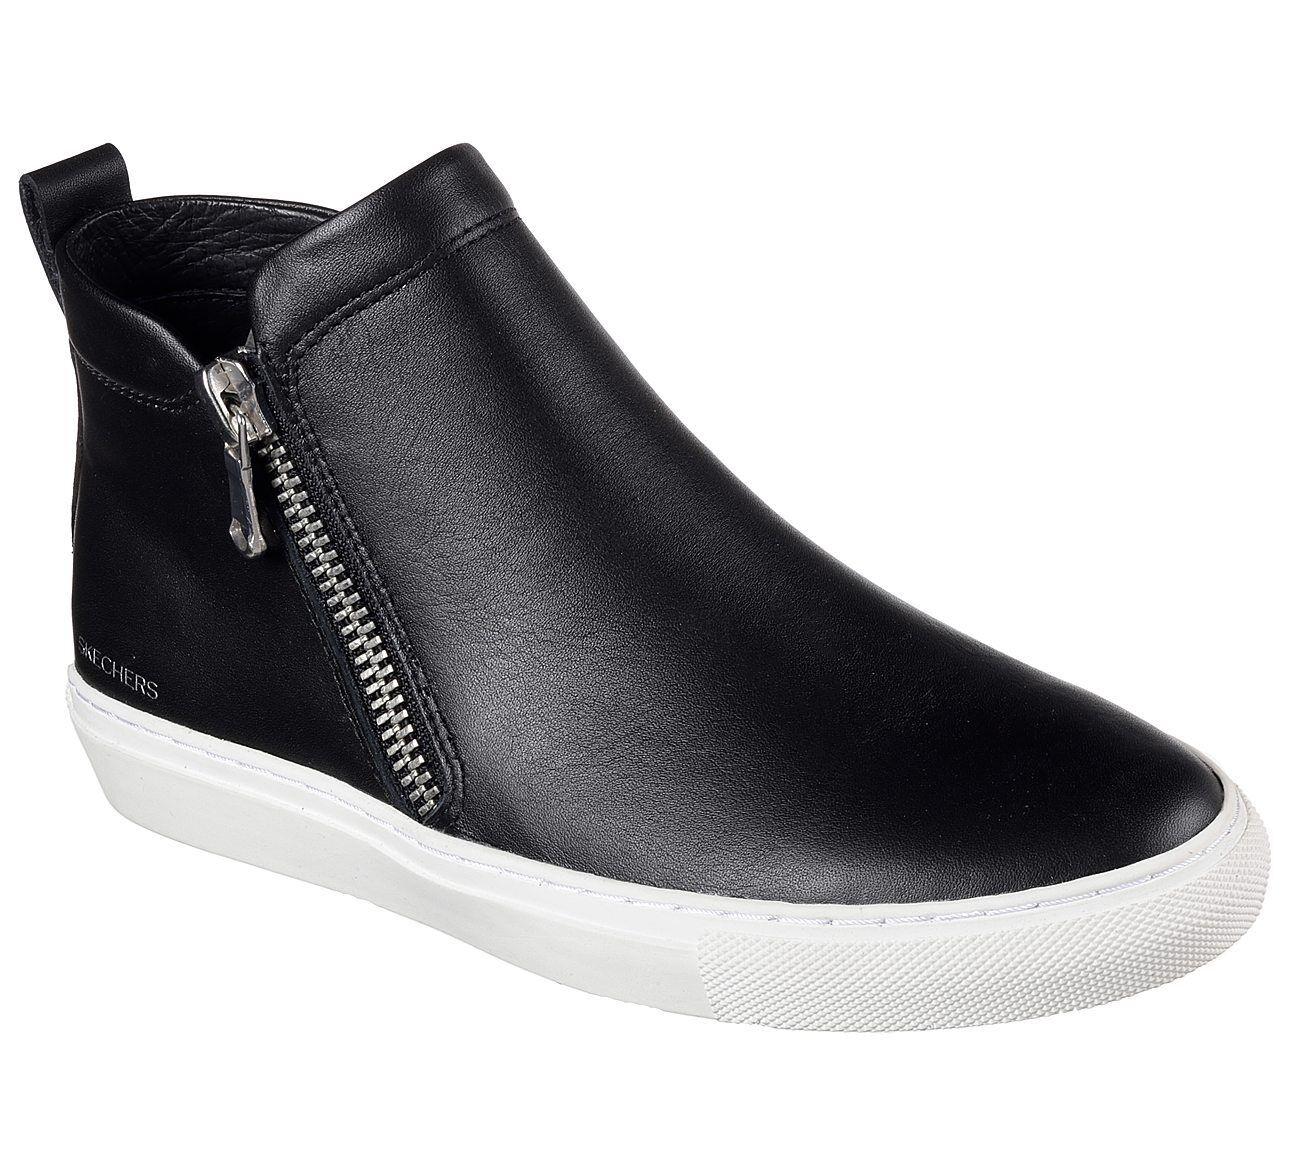 Skechers Vaso Zapatos señoras UK 8 nos 11 EUR 41 41 EUR cm 28 ref 5563  967be9